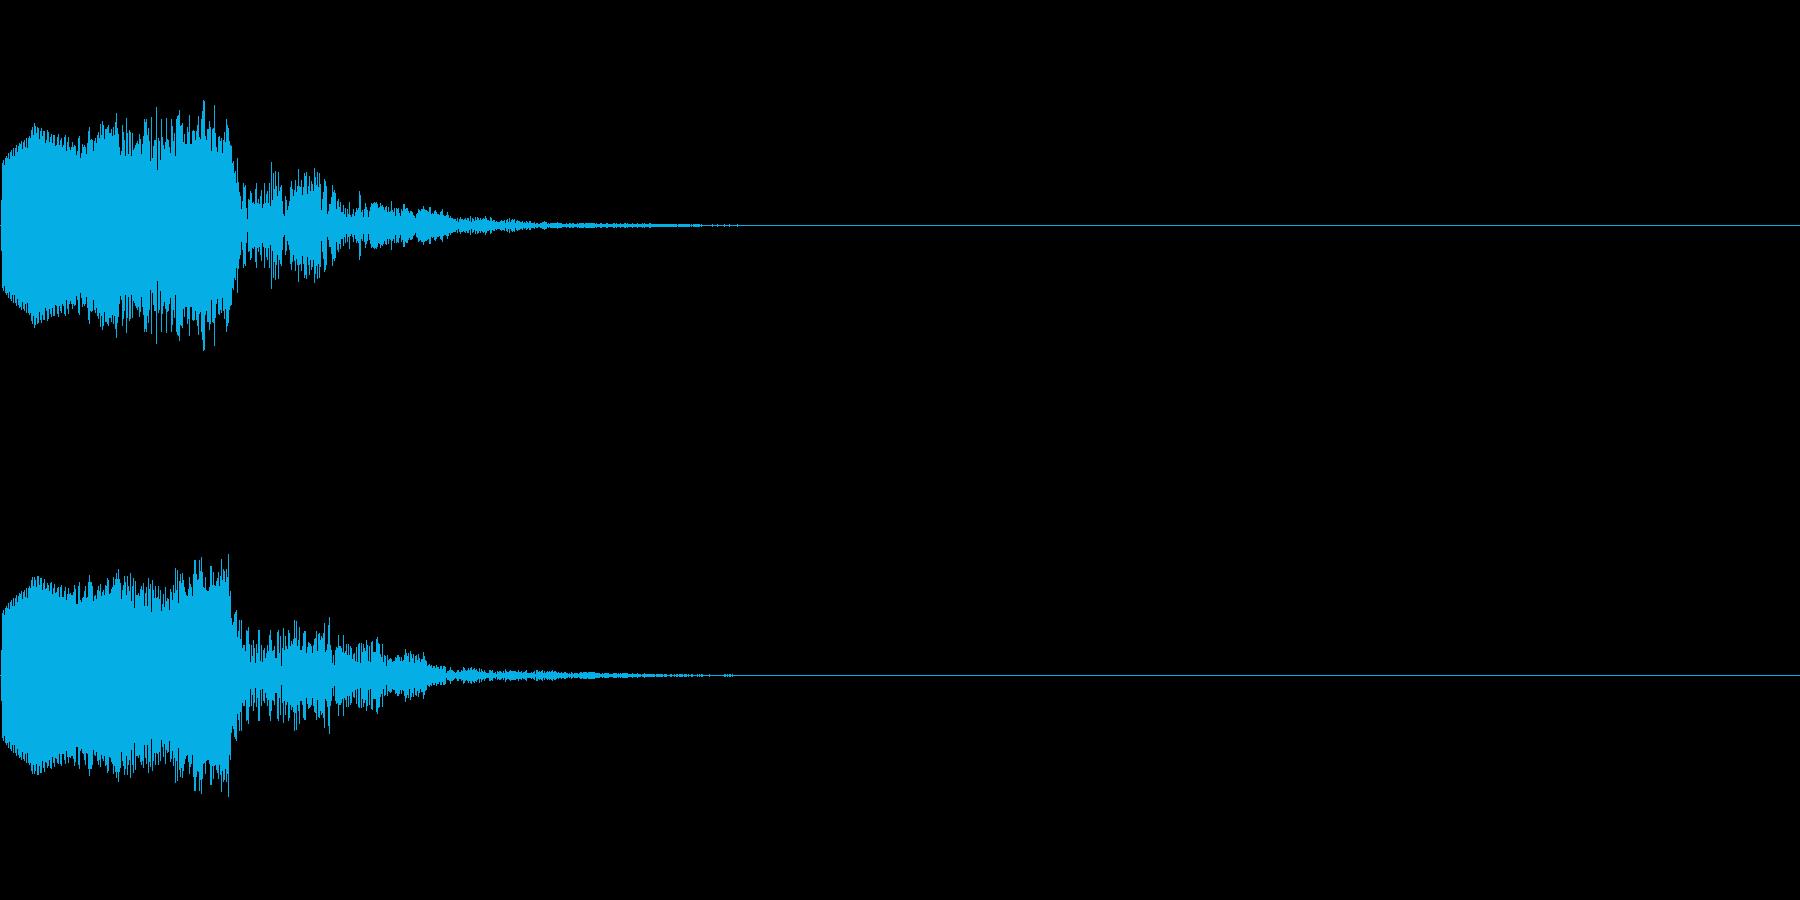 ピコッ(ゲーム・アプリ等のセレクト音)の再生済みの波形